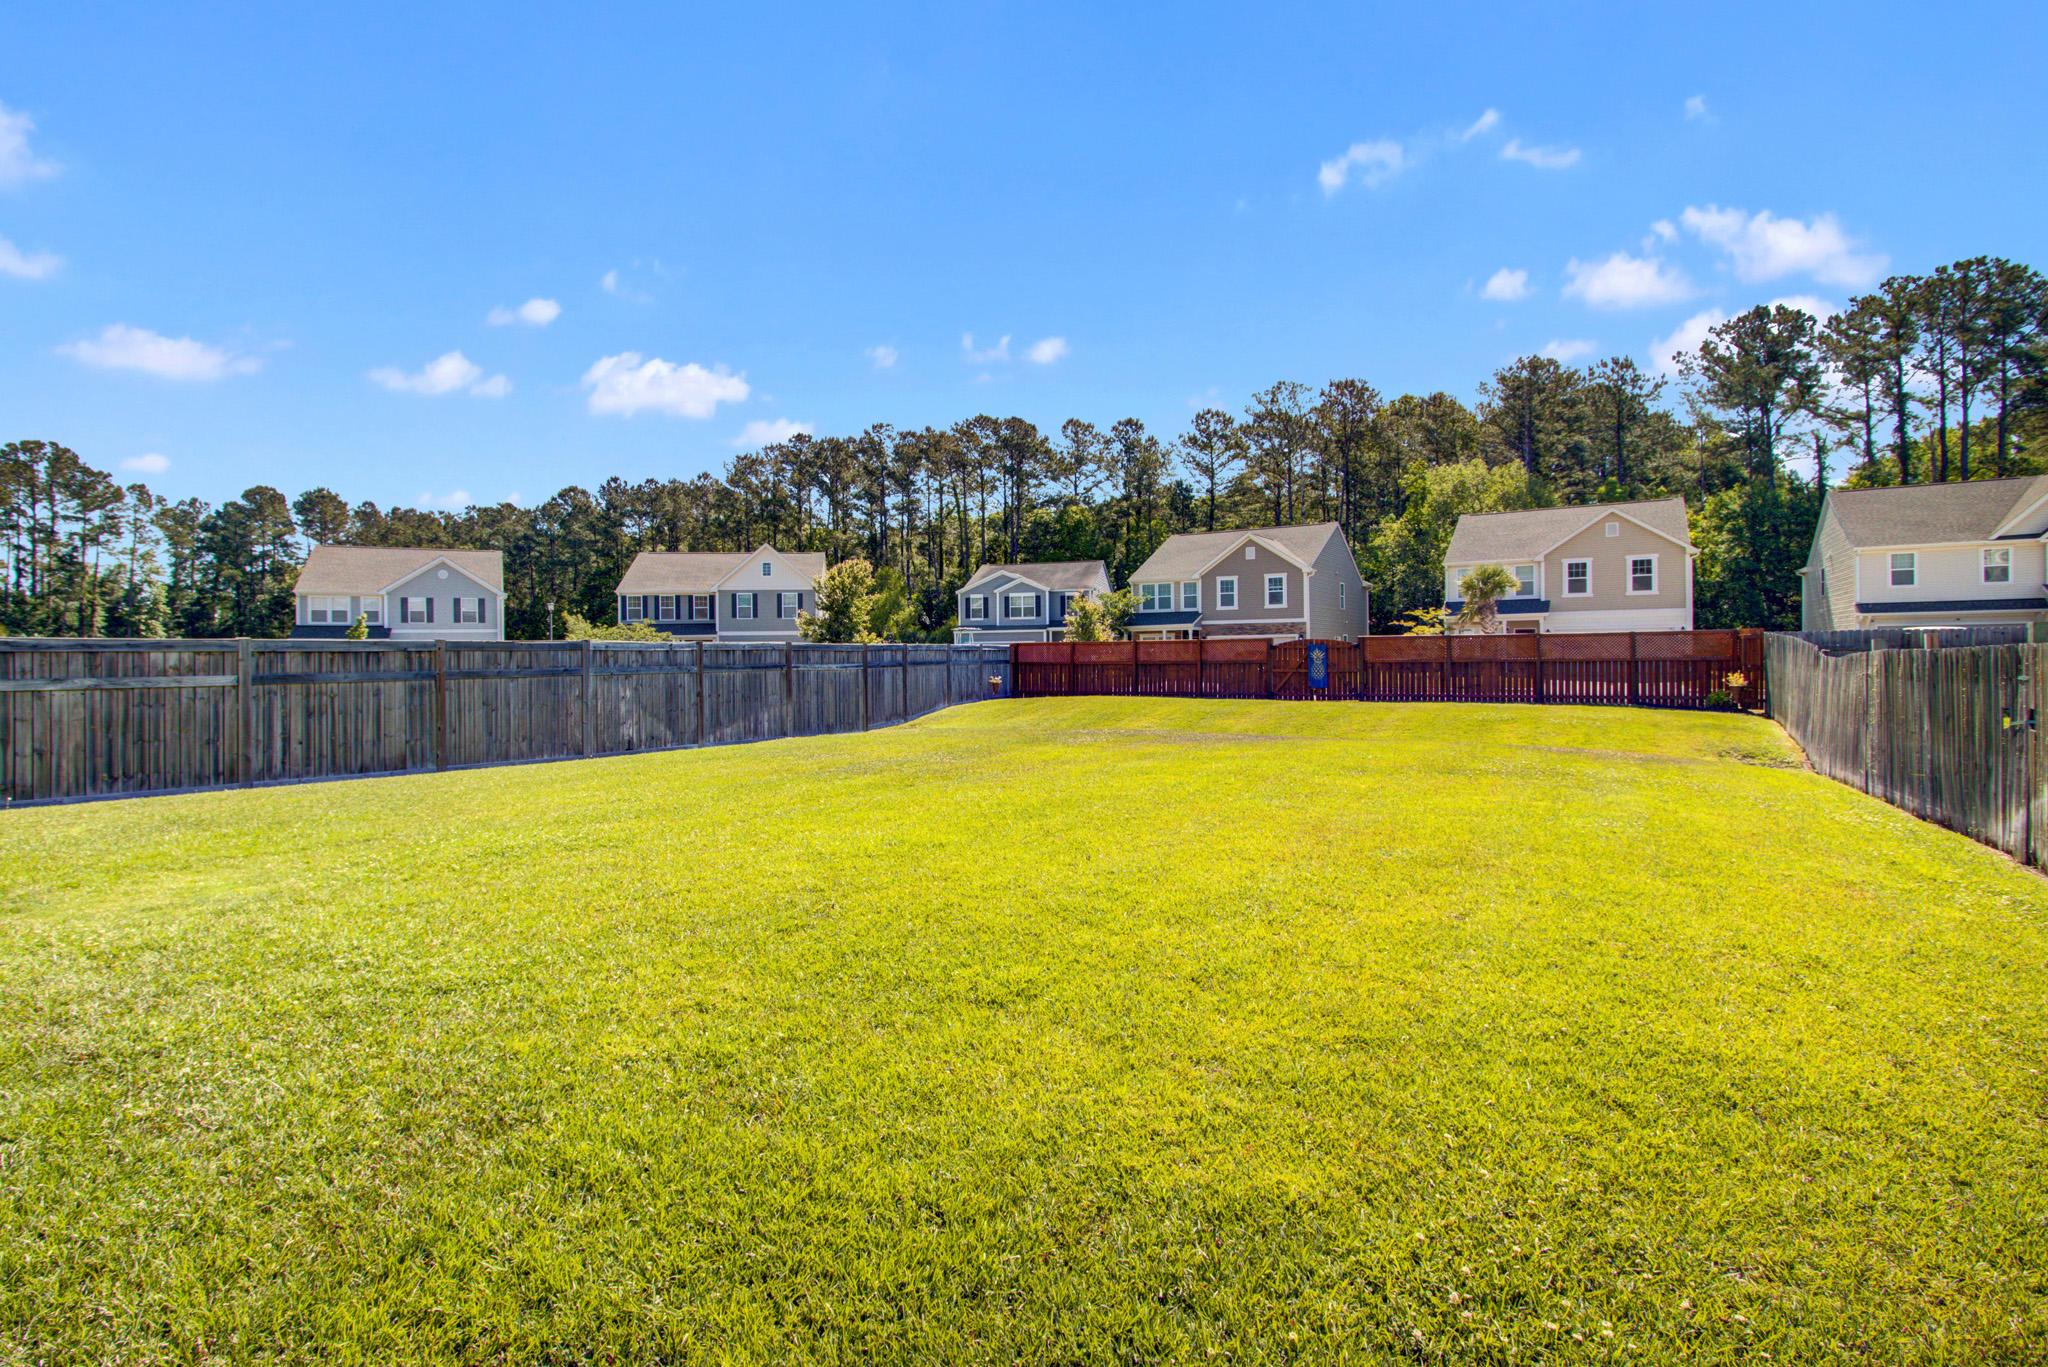 Sunnyfield Homes For Sale - 203 Medford, Summerville, SC - 5